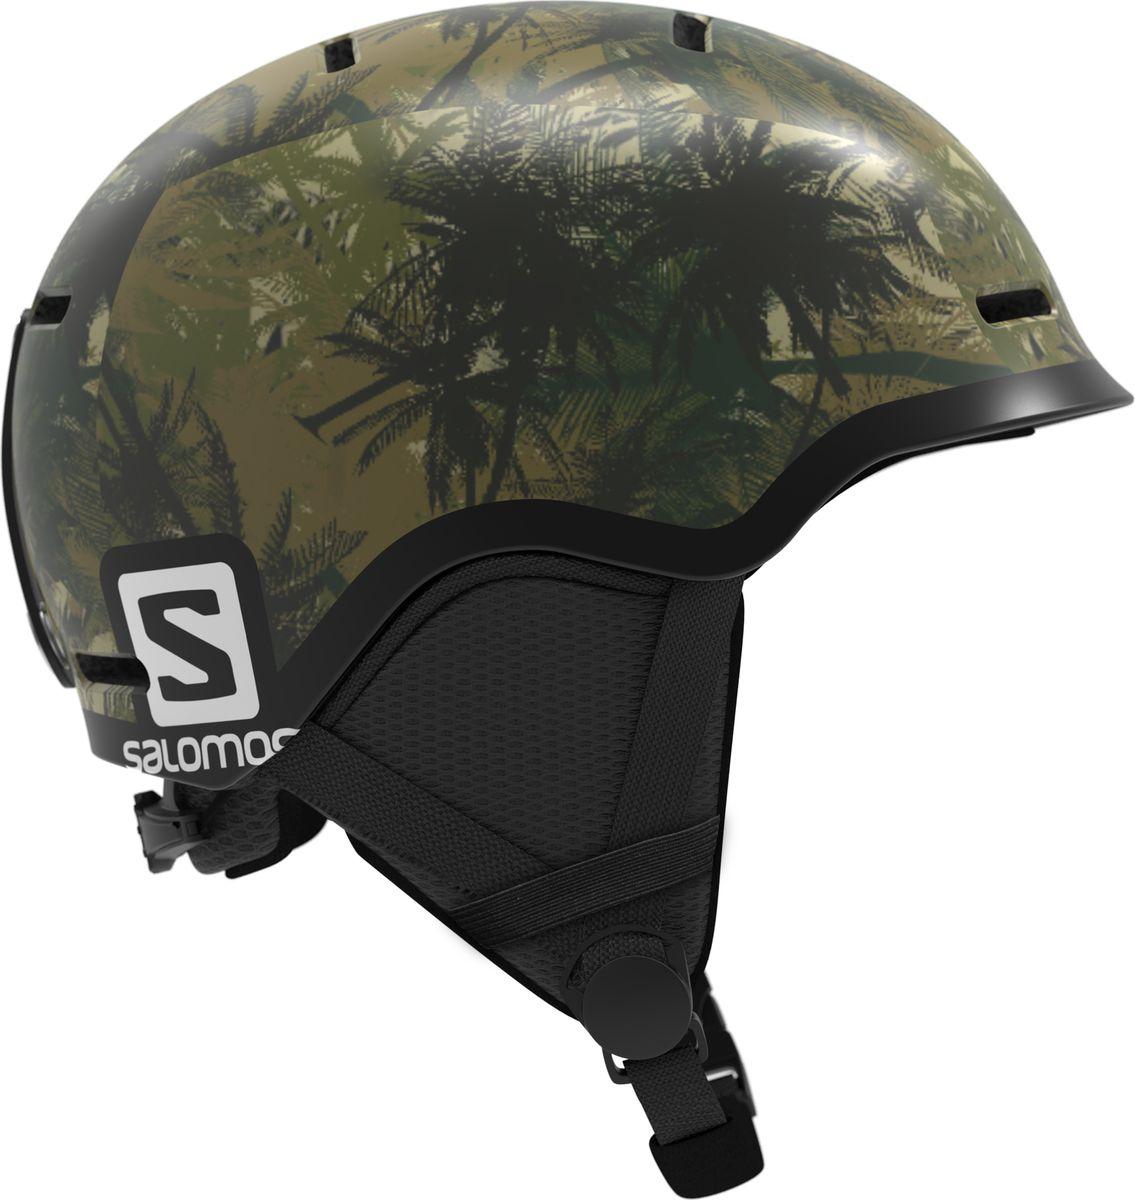 Шлем горнолыжный Salomon Grom, детский, цвет: зеленый. Размер M (53-56)